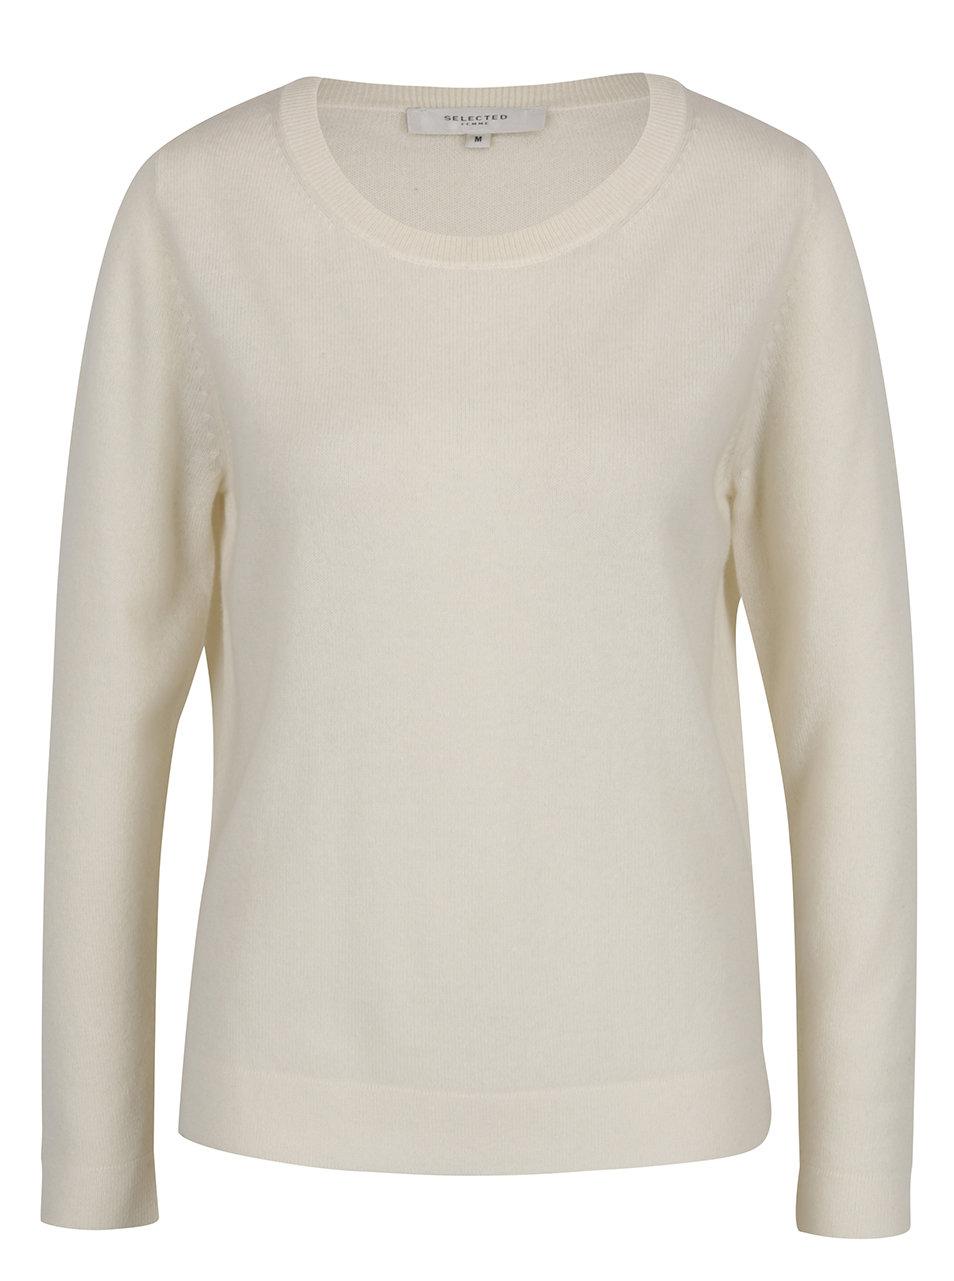 Krémový kašmírový svetr Selected Femme Aya ... 63a28d2f24